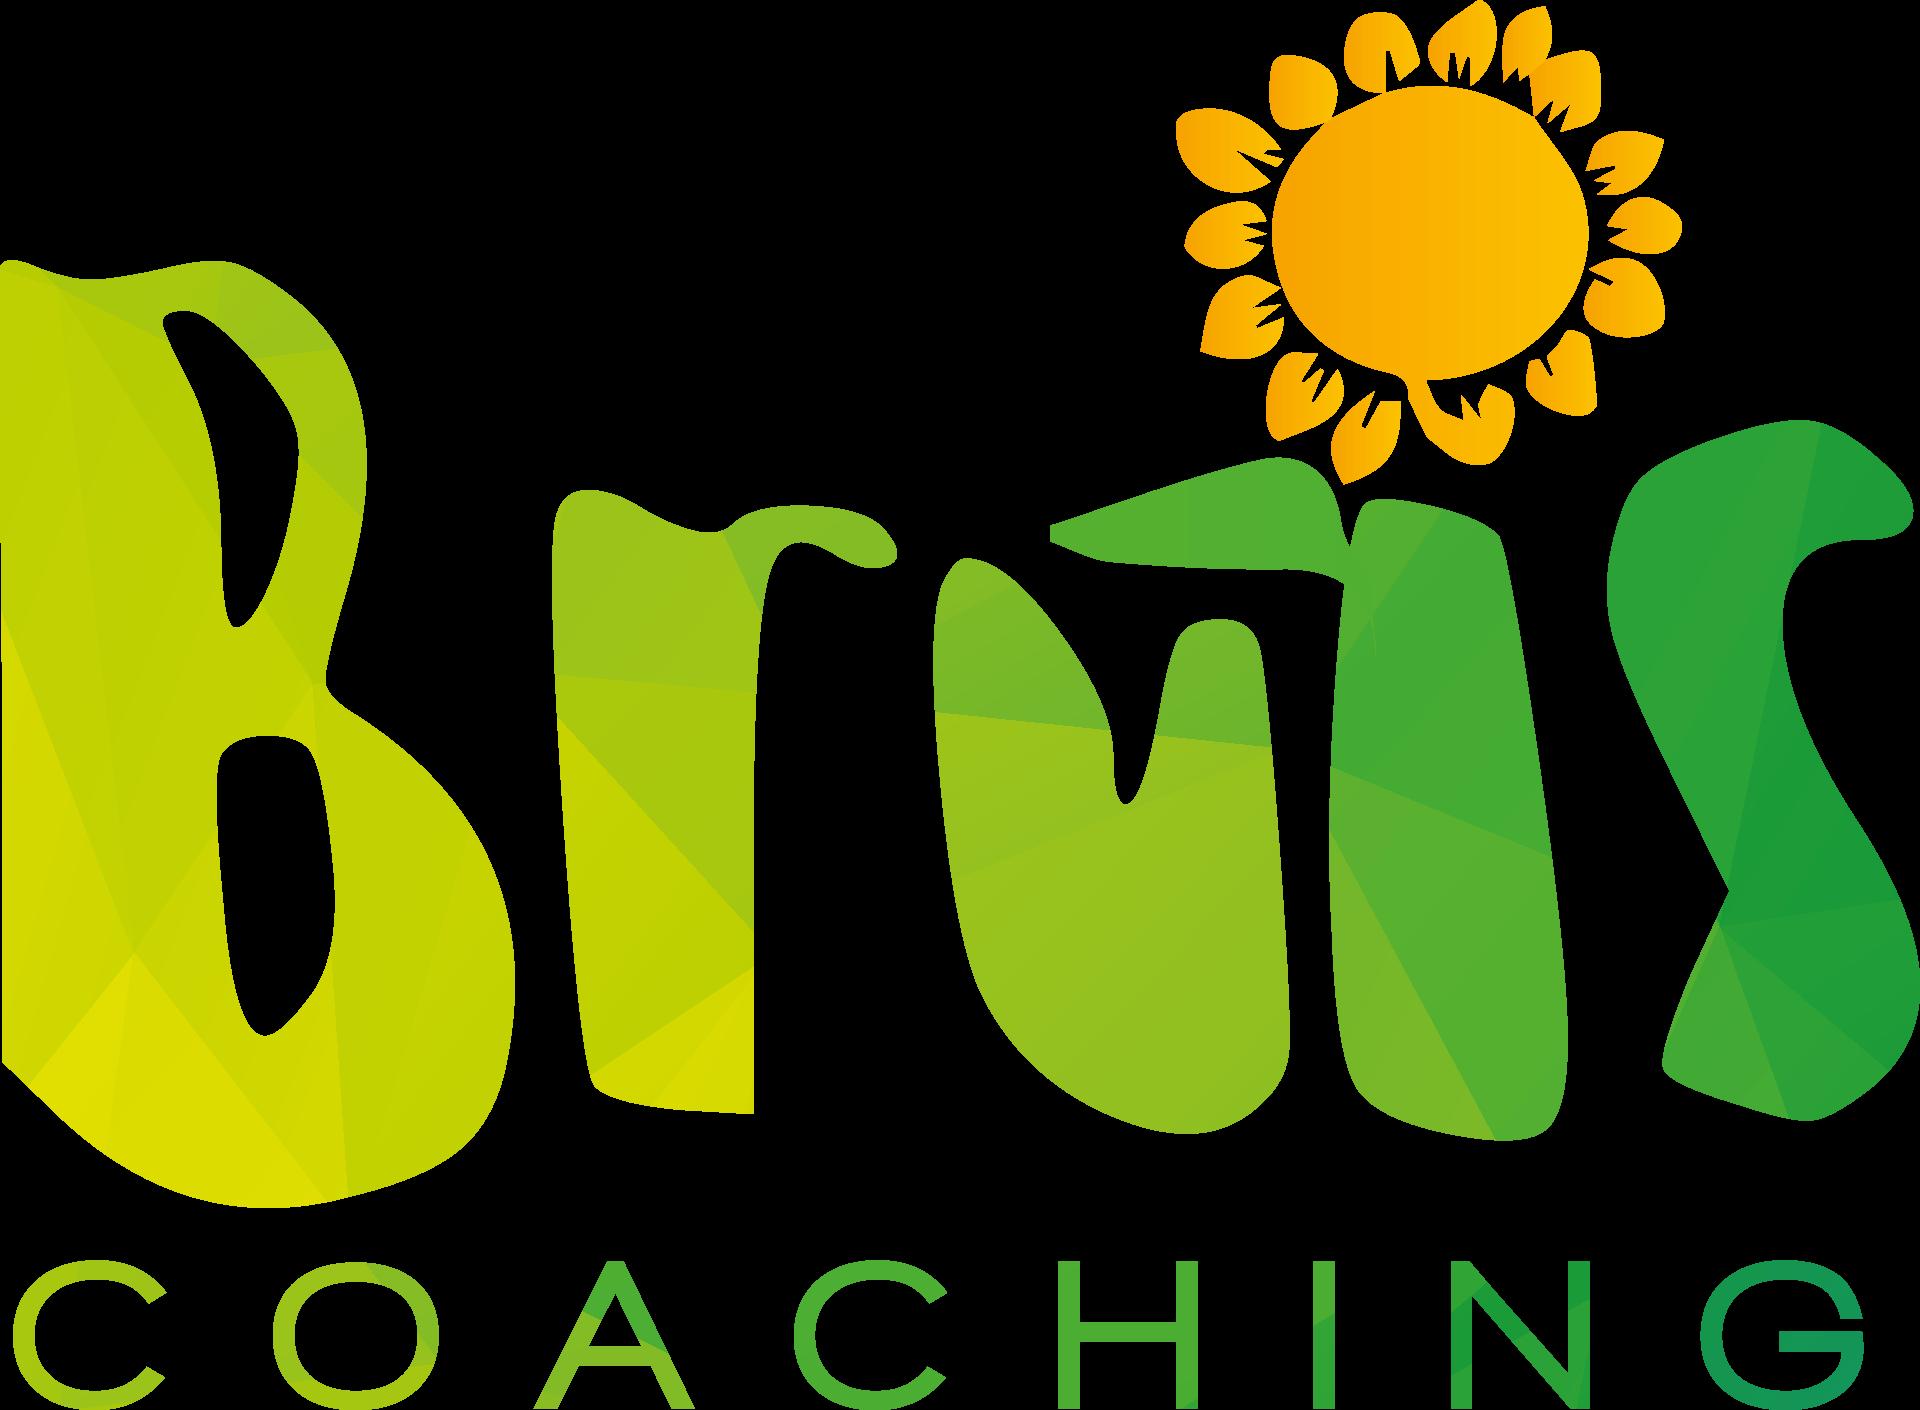 bruis-coaching